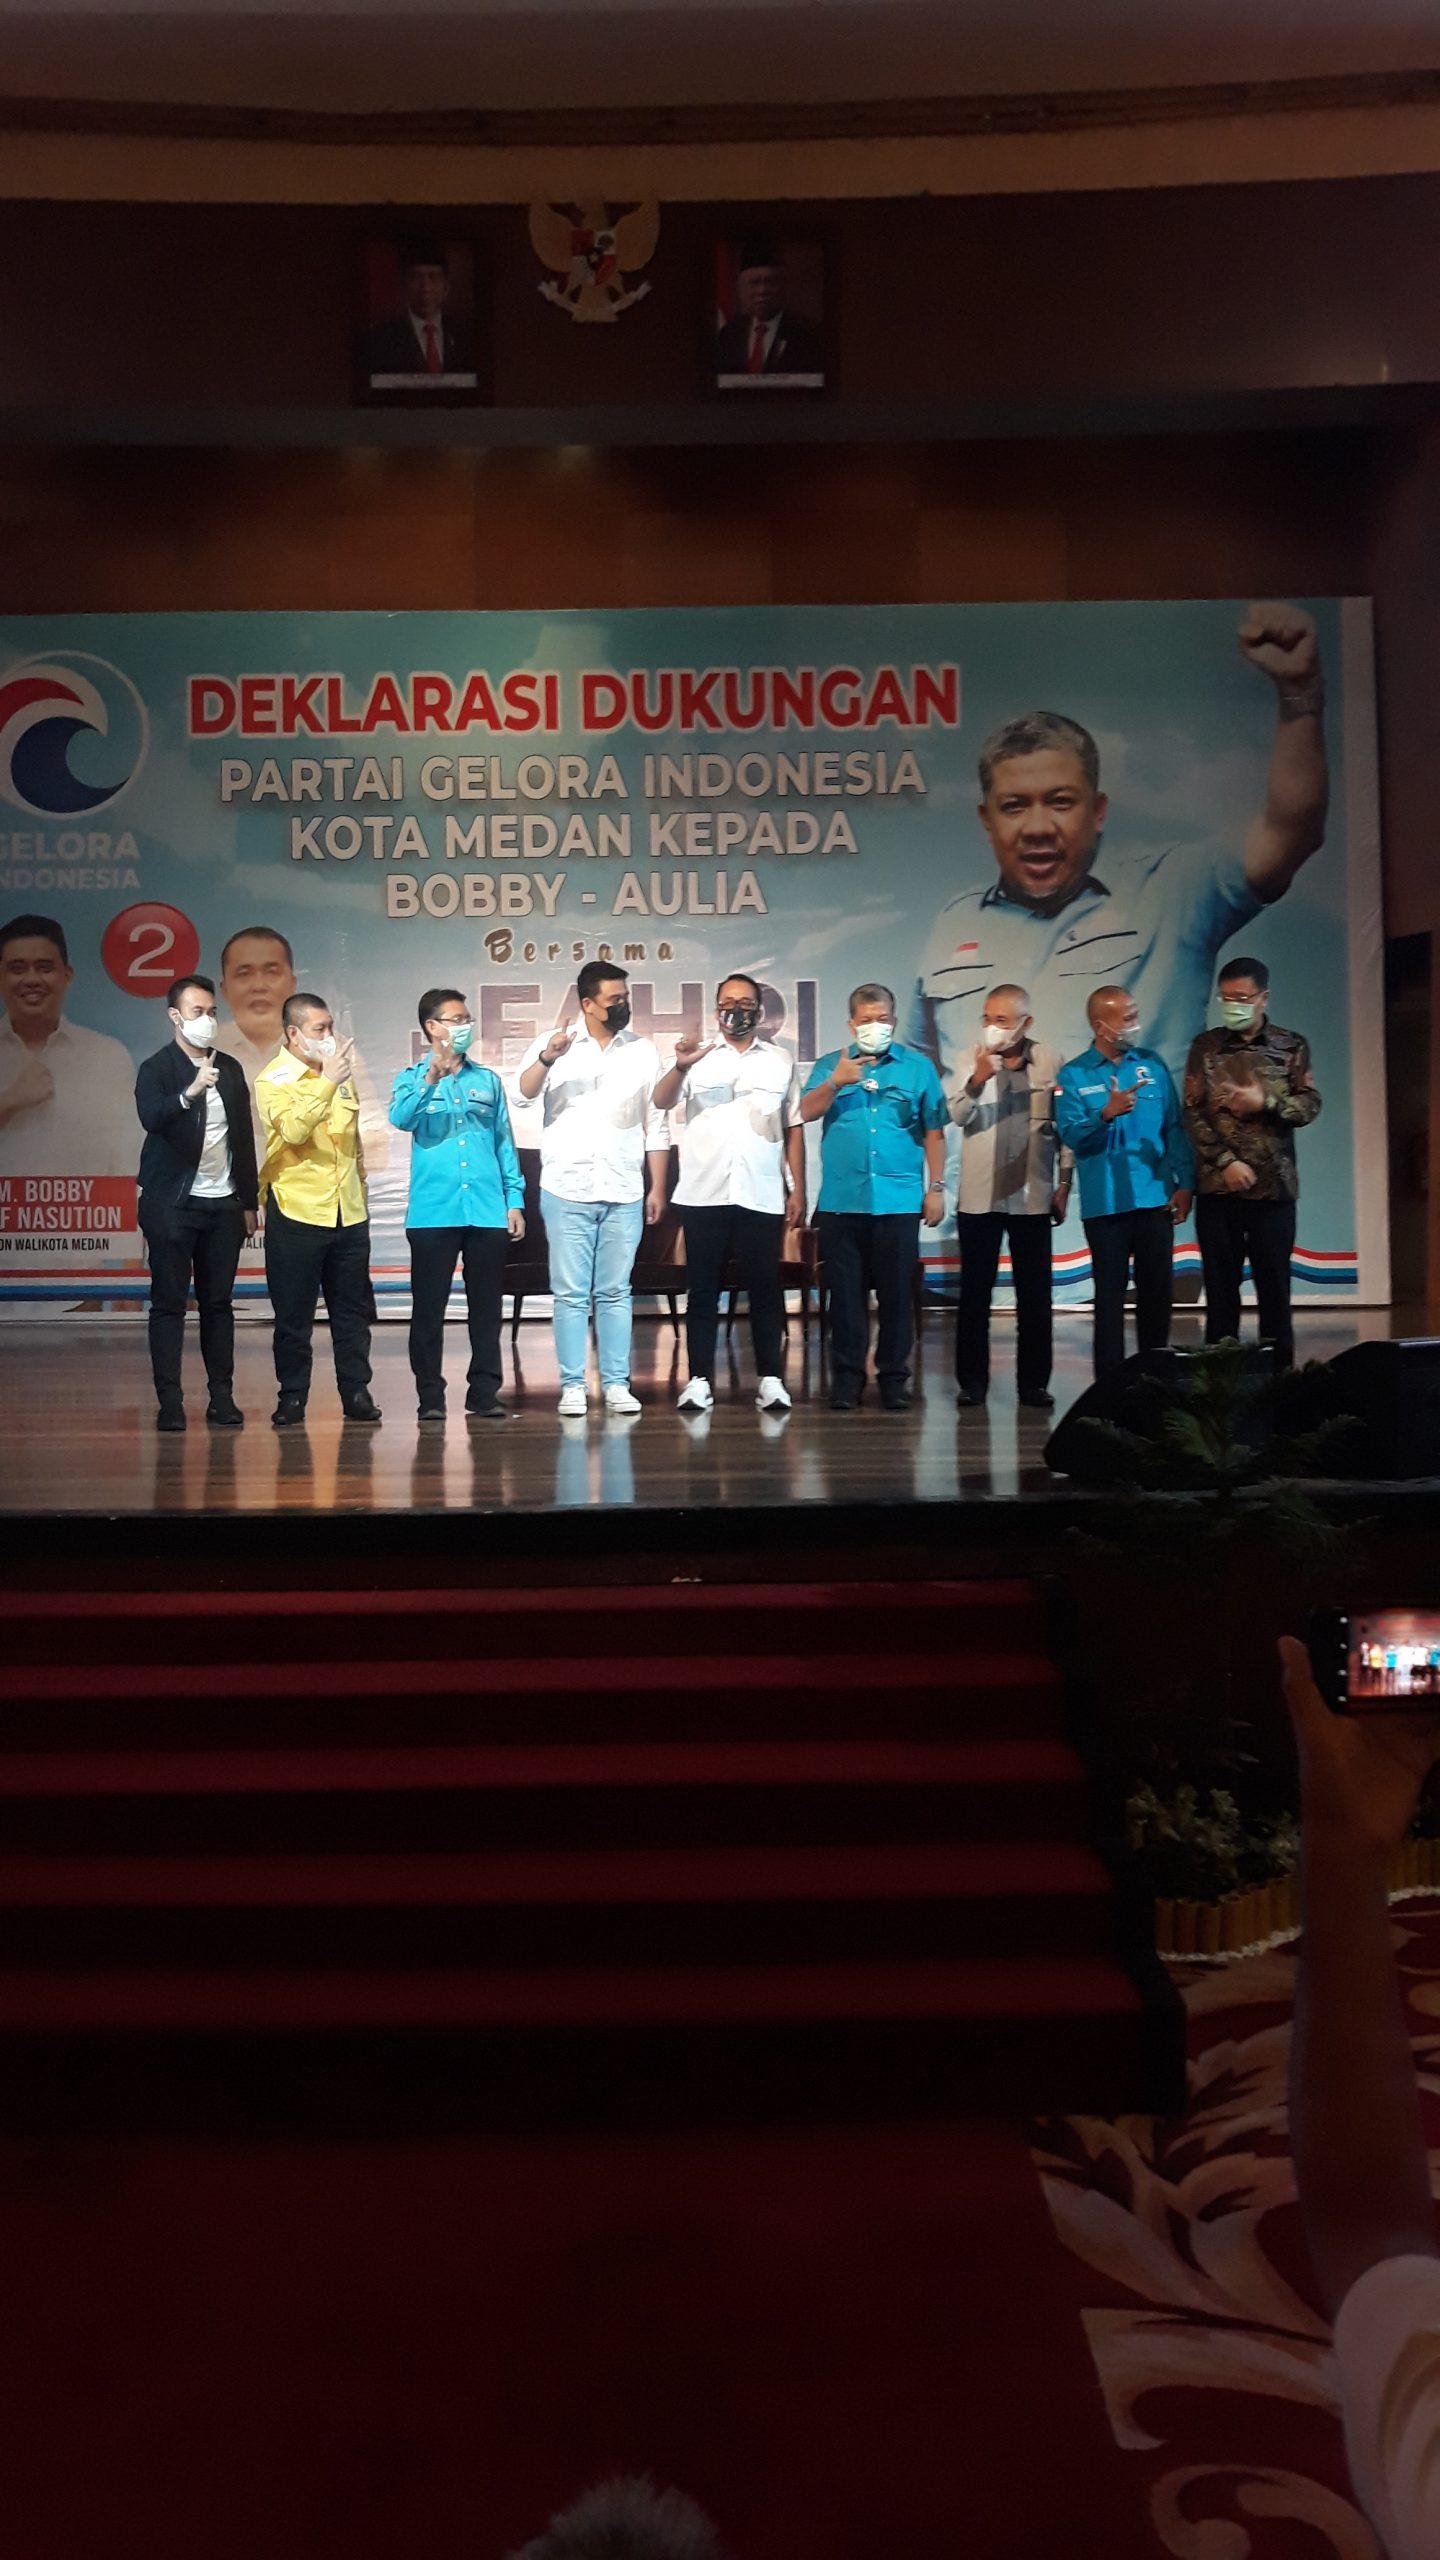 Bobby-Aulia: Partai Gelora Dengan Warna Biru Sebagai Pembakar Semangat Untuk Kemenangan Nomor Urut 2